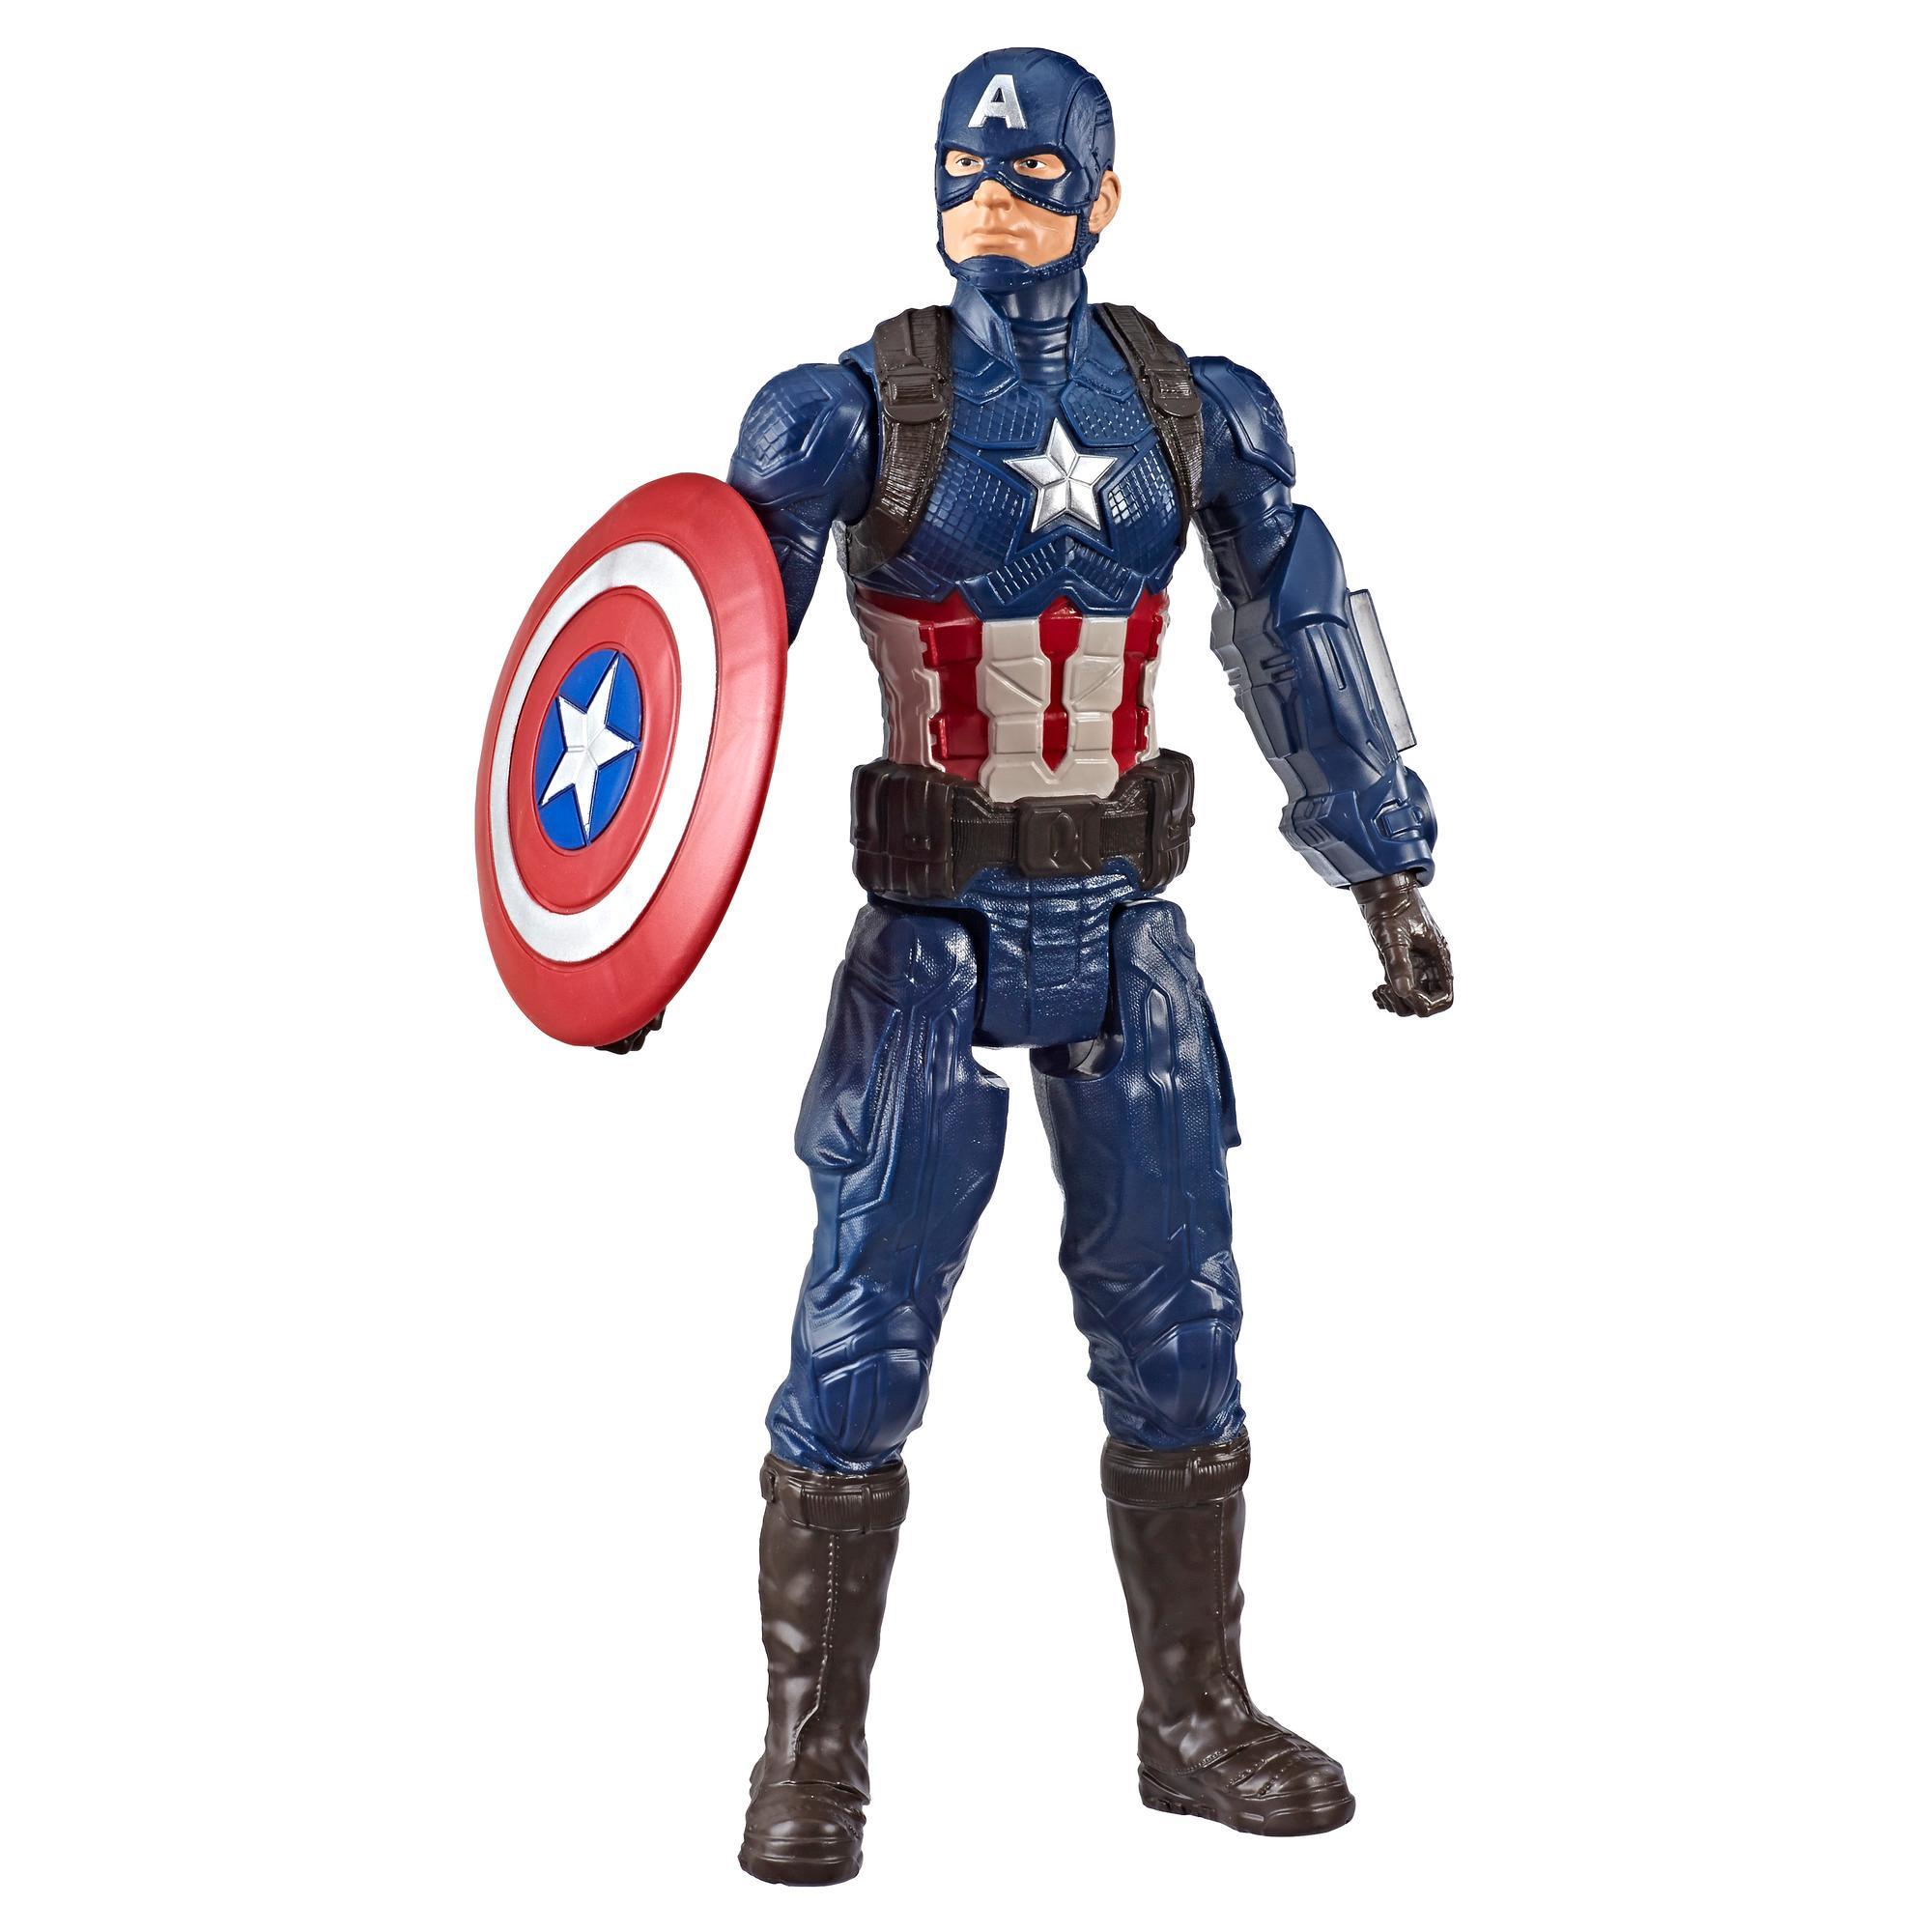 Marvel Avengers: Endgame Titan Hero Series - Figura de superhéroe Captain America de 30 cm con puerto para Titan Hero Power FX